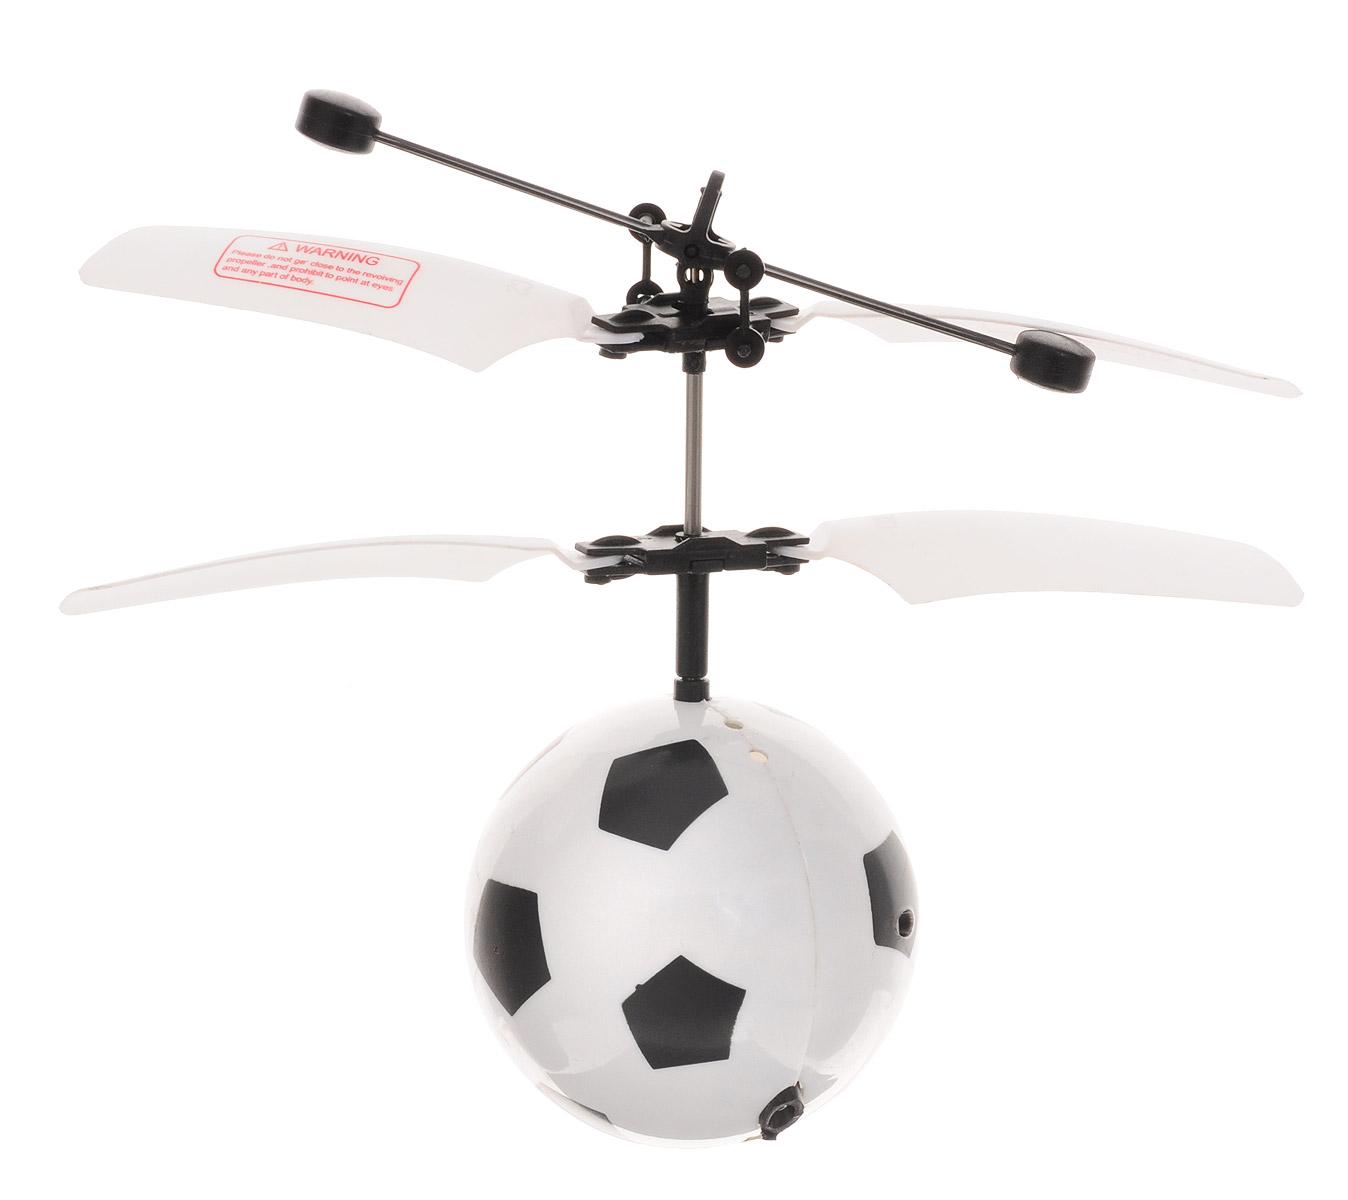 Pilotage Вертолет на радиоуправлении Футбольный мяч RTF цвет белый